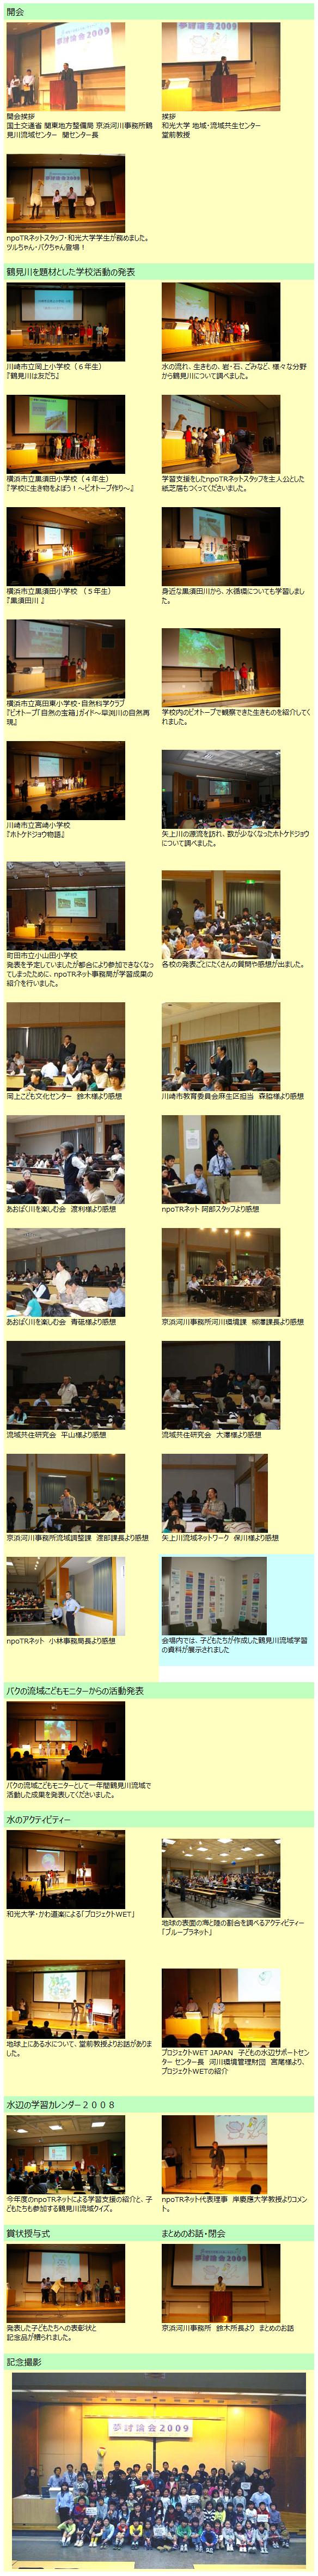 3/7 夢討論会2009 <鶴見川流域ふれあいセミナー>